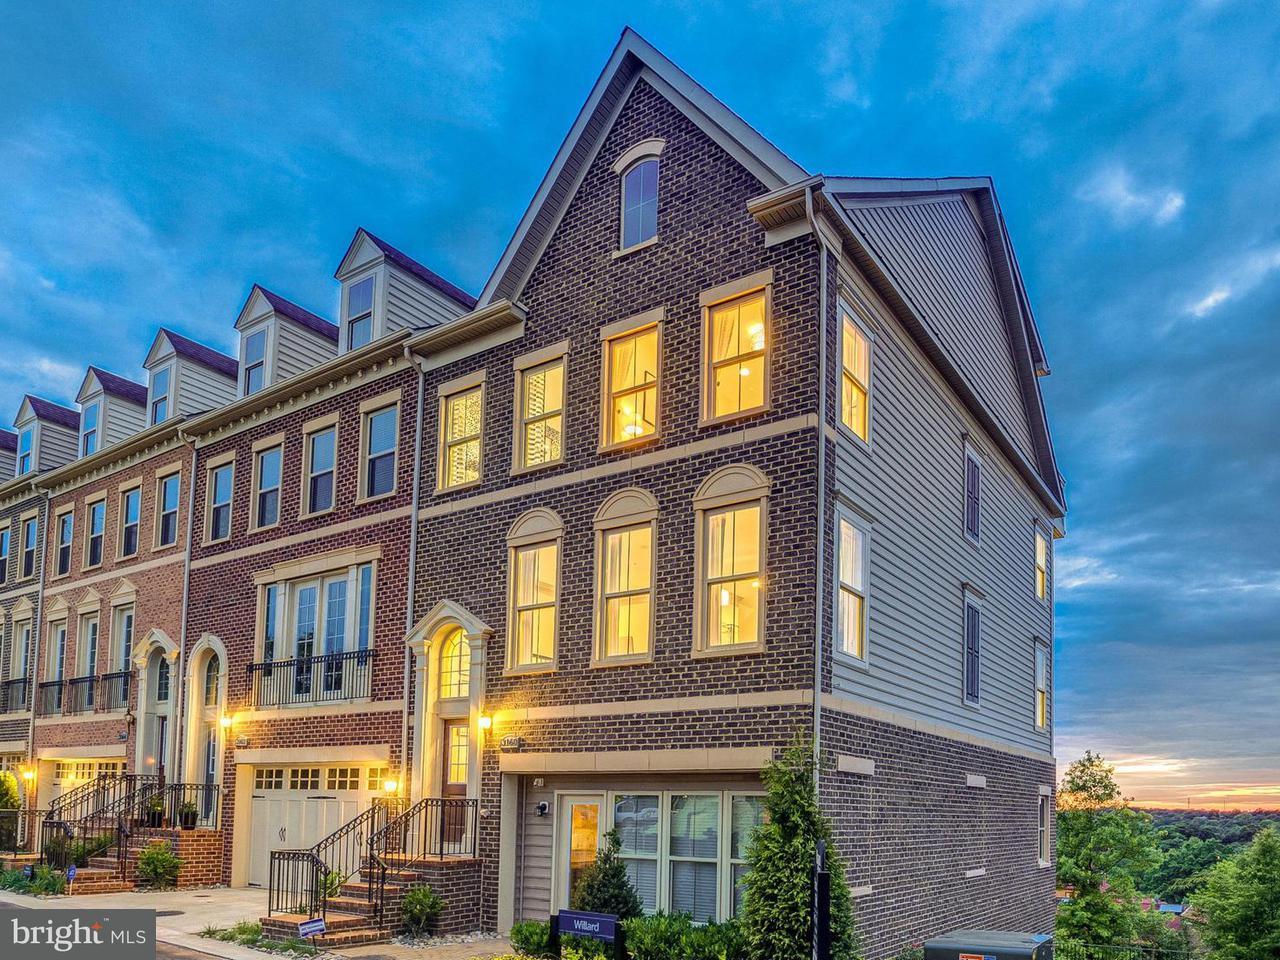 联栋屋 为 销售 在 2618 Coleman Ln Ne 2618 Coleman Ln Ne 华盛顿市, 哥伦比亚特区 20018 美国